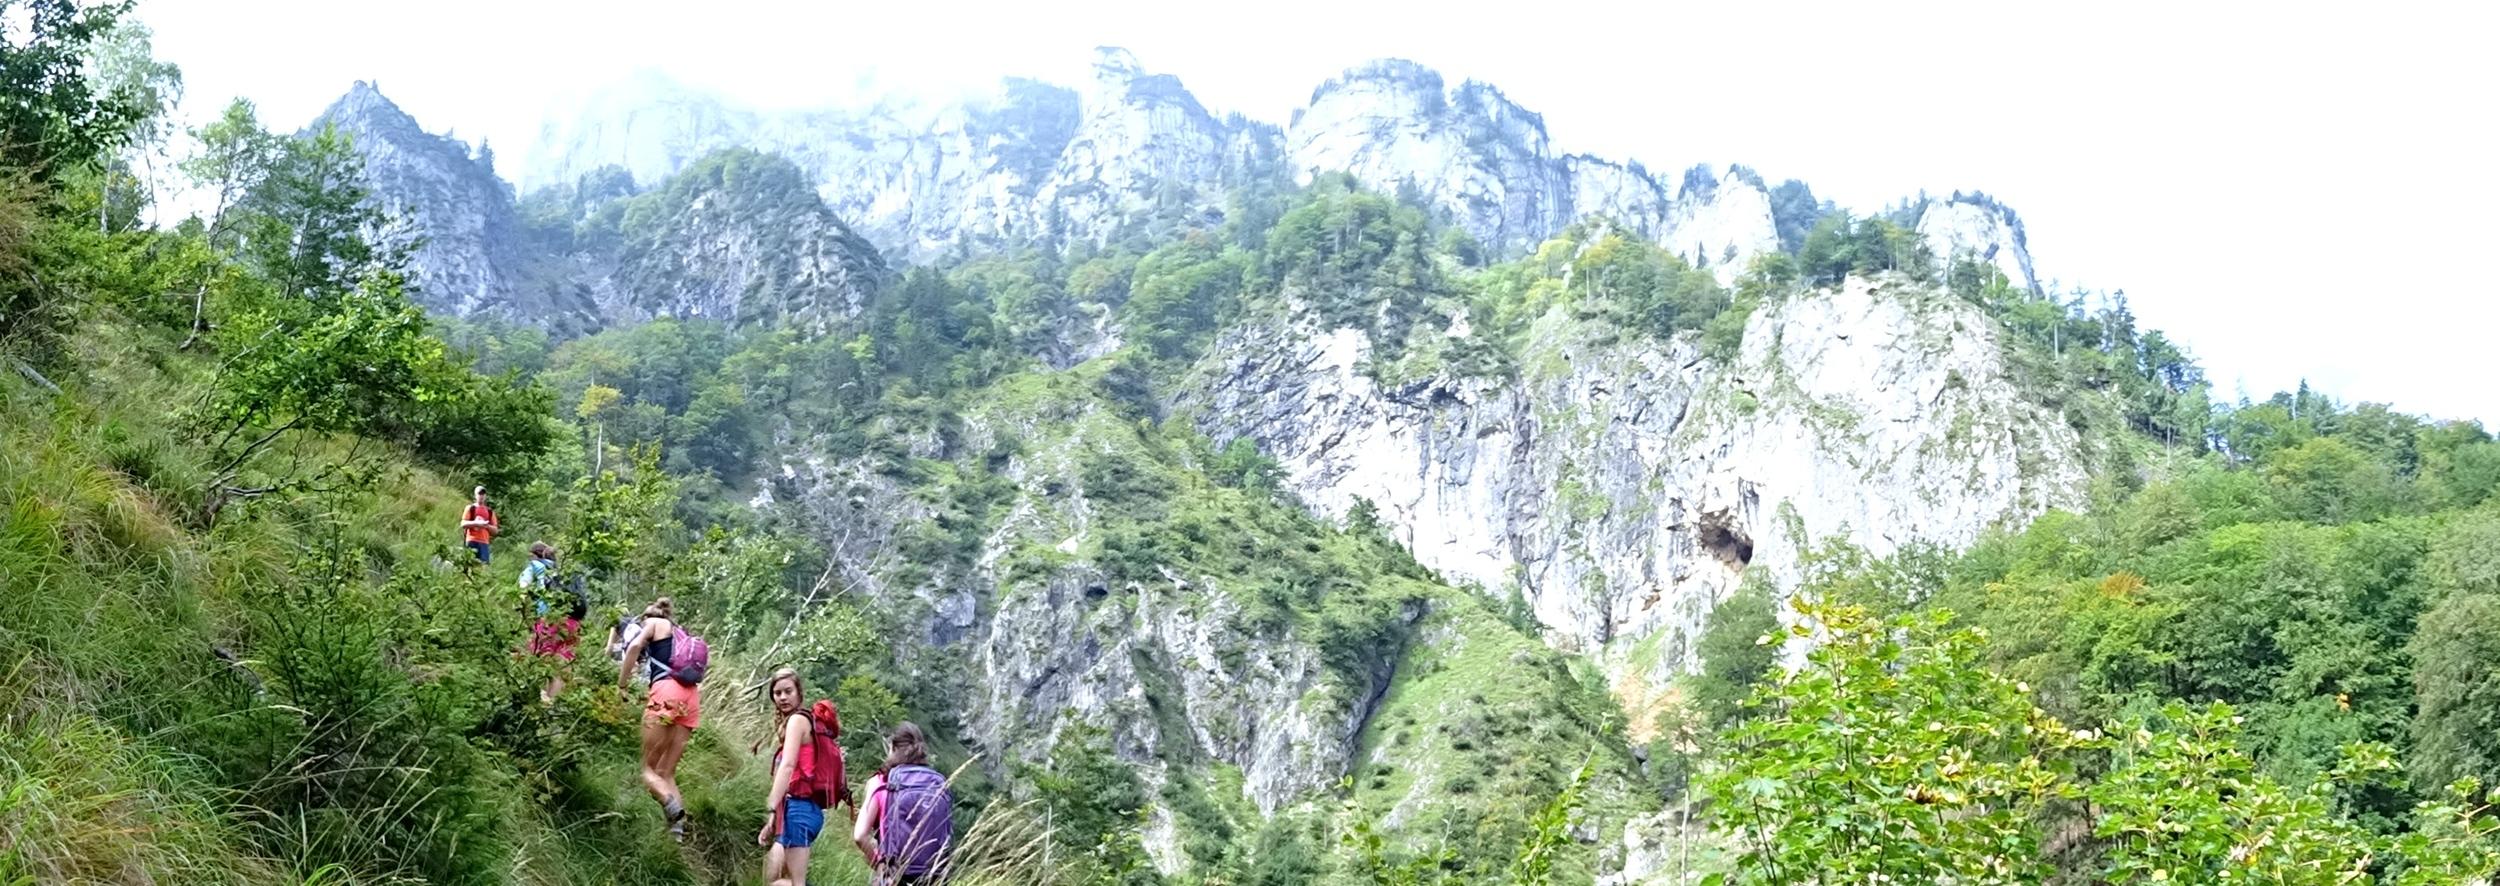 5 hours looking up at Untersberg